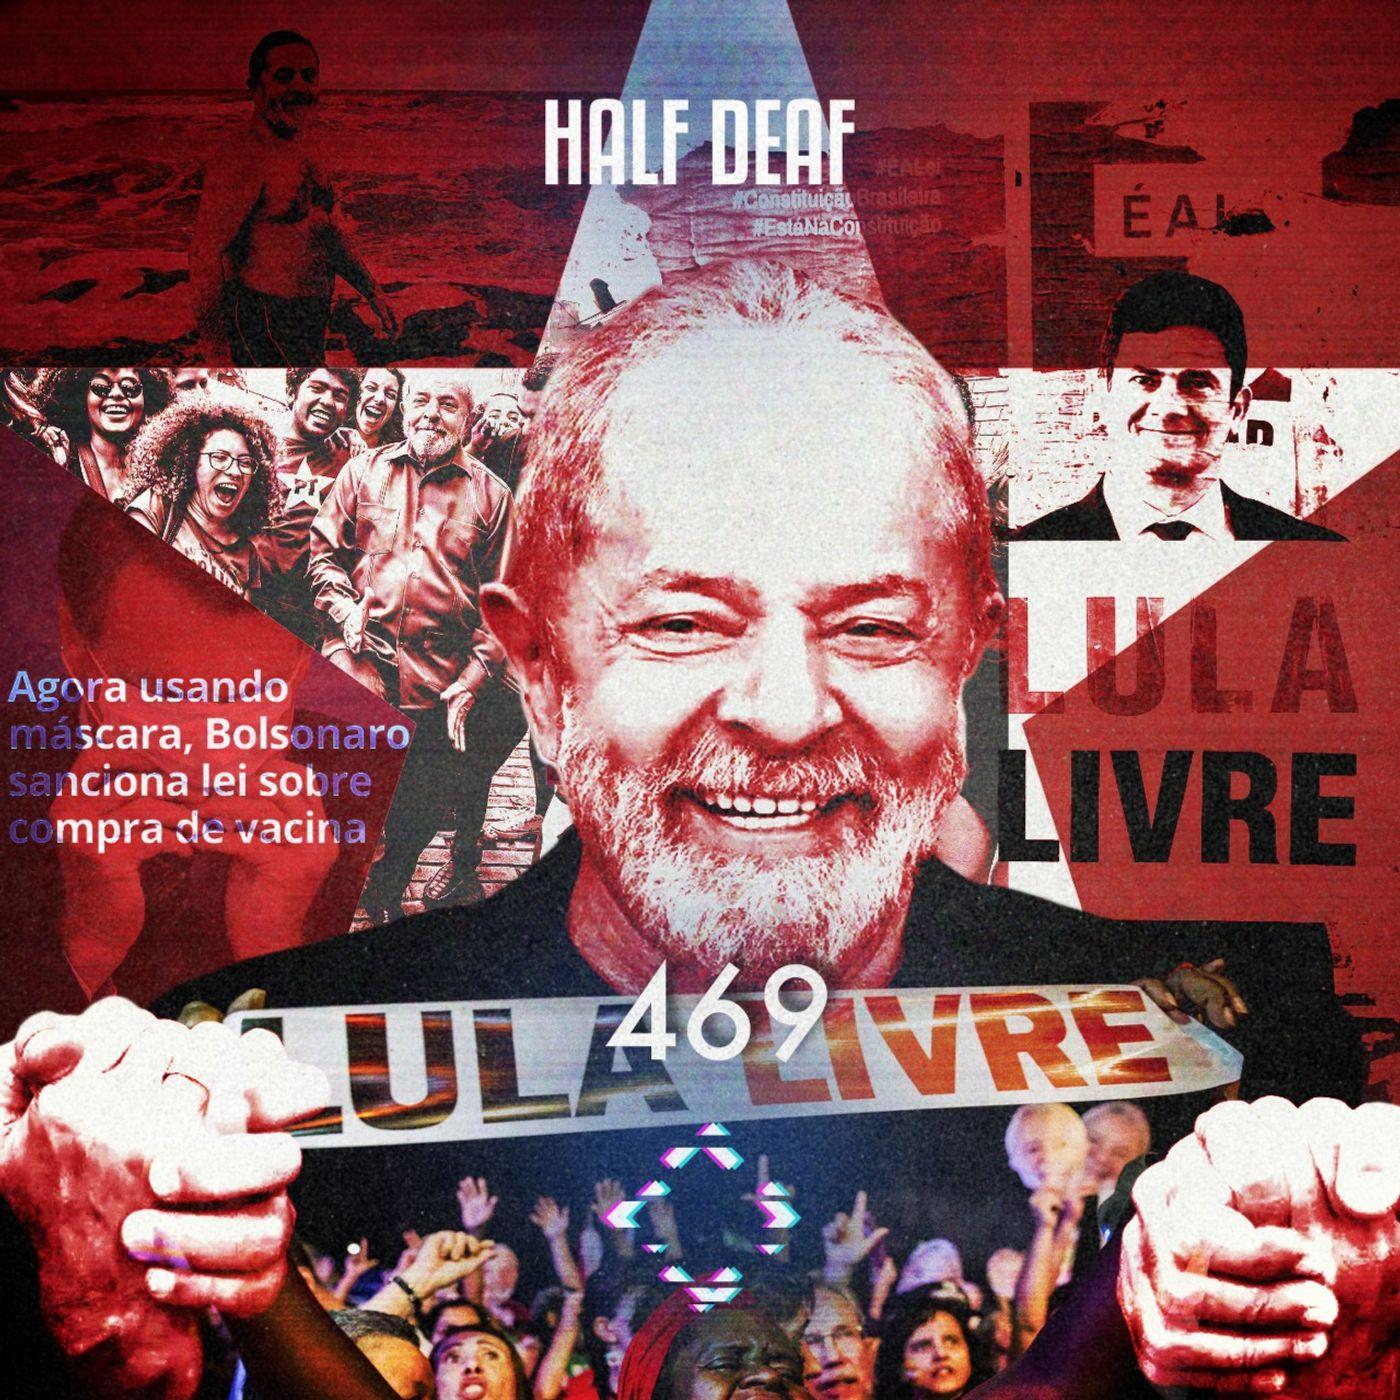 AntiCast 469 - Lula lá… será?